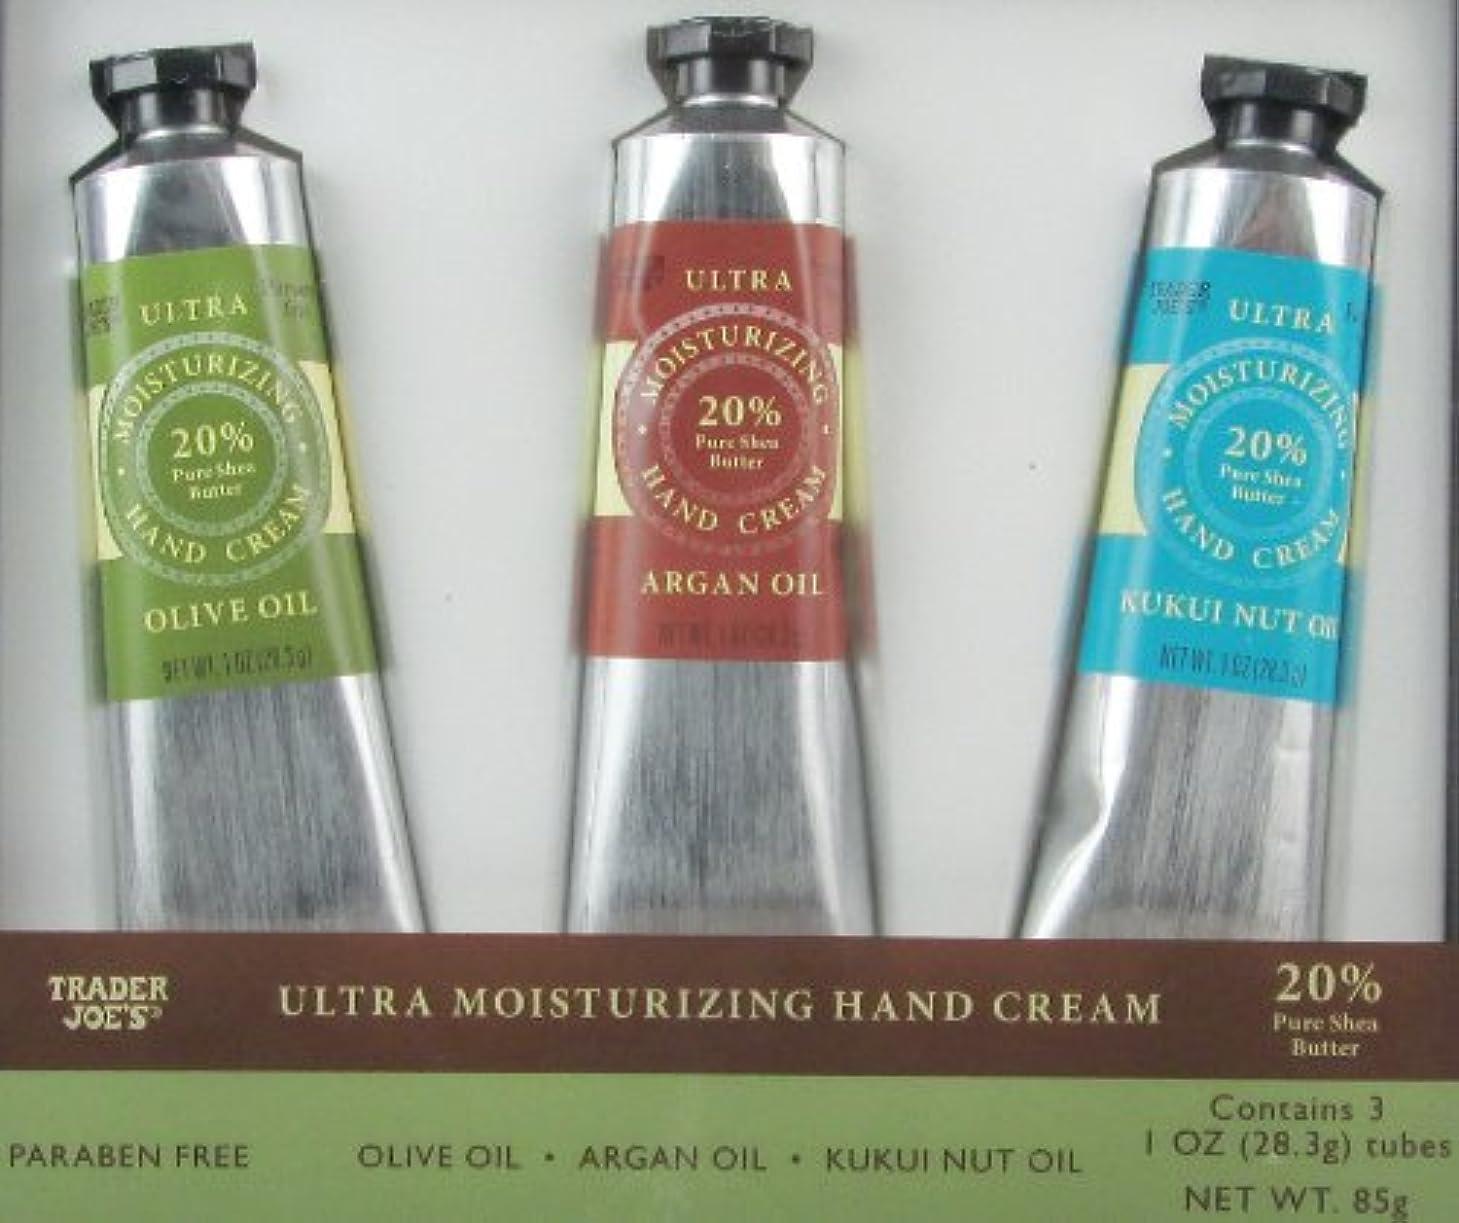 死の顎お願いしますスケートトレーダージョーズ ウルトラ モイスチャライジング ハンドクリーム 3種類 ギフトセット Trader Joe's Moisturizing Hand Cream Trio Olive Oil, Argan Oil, Kukui...